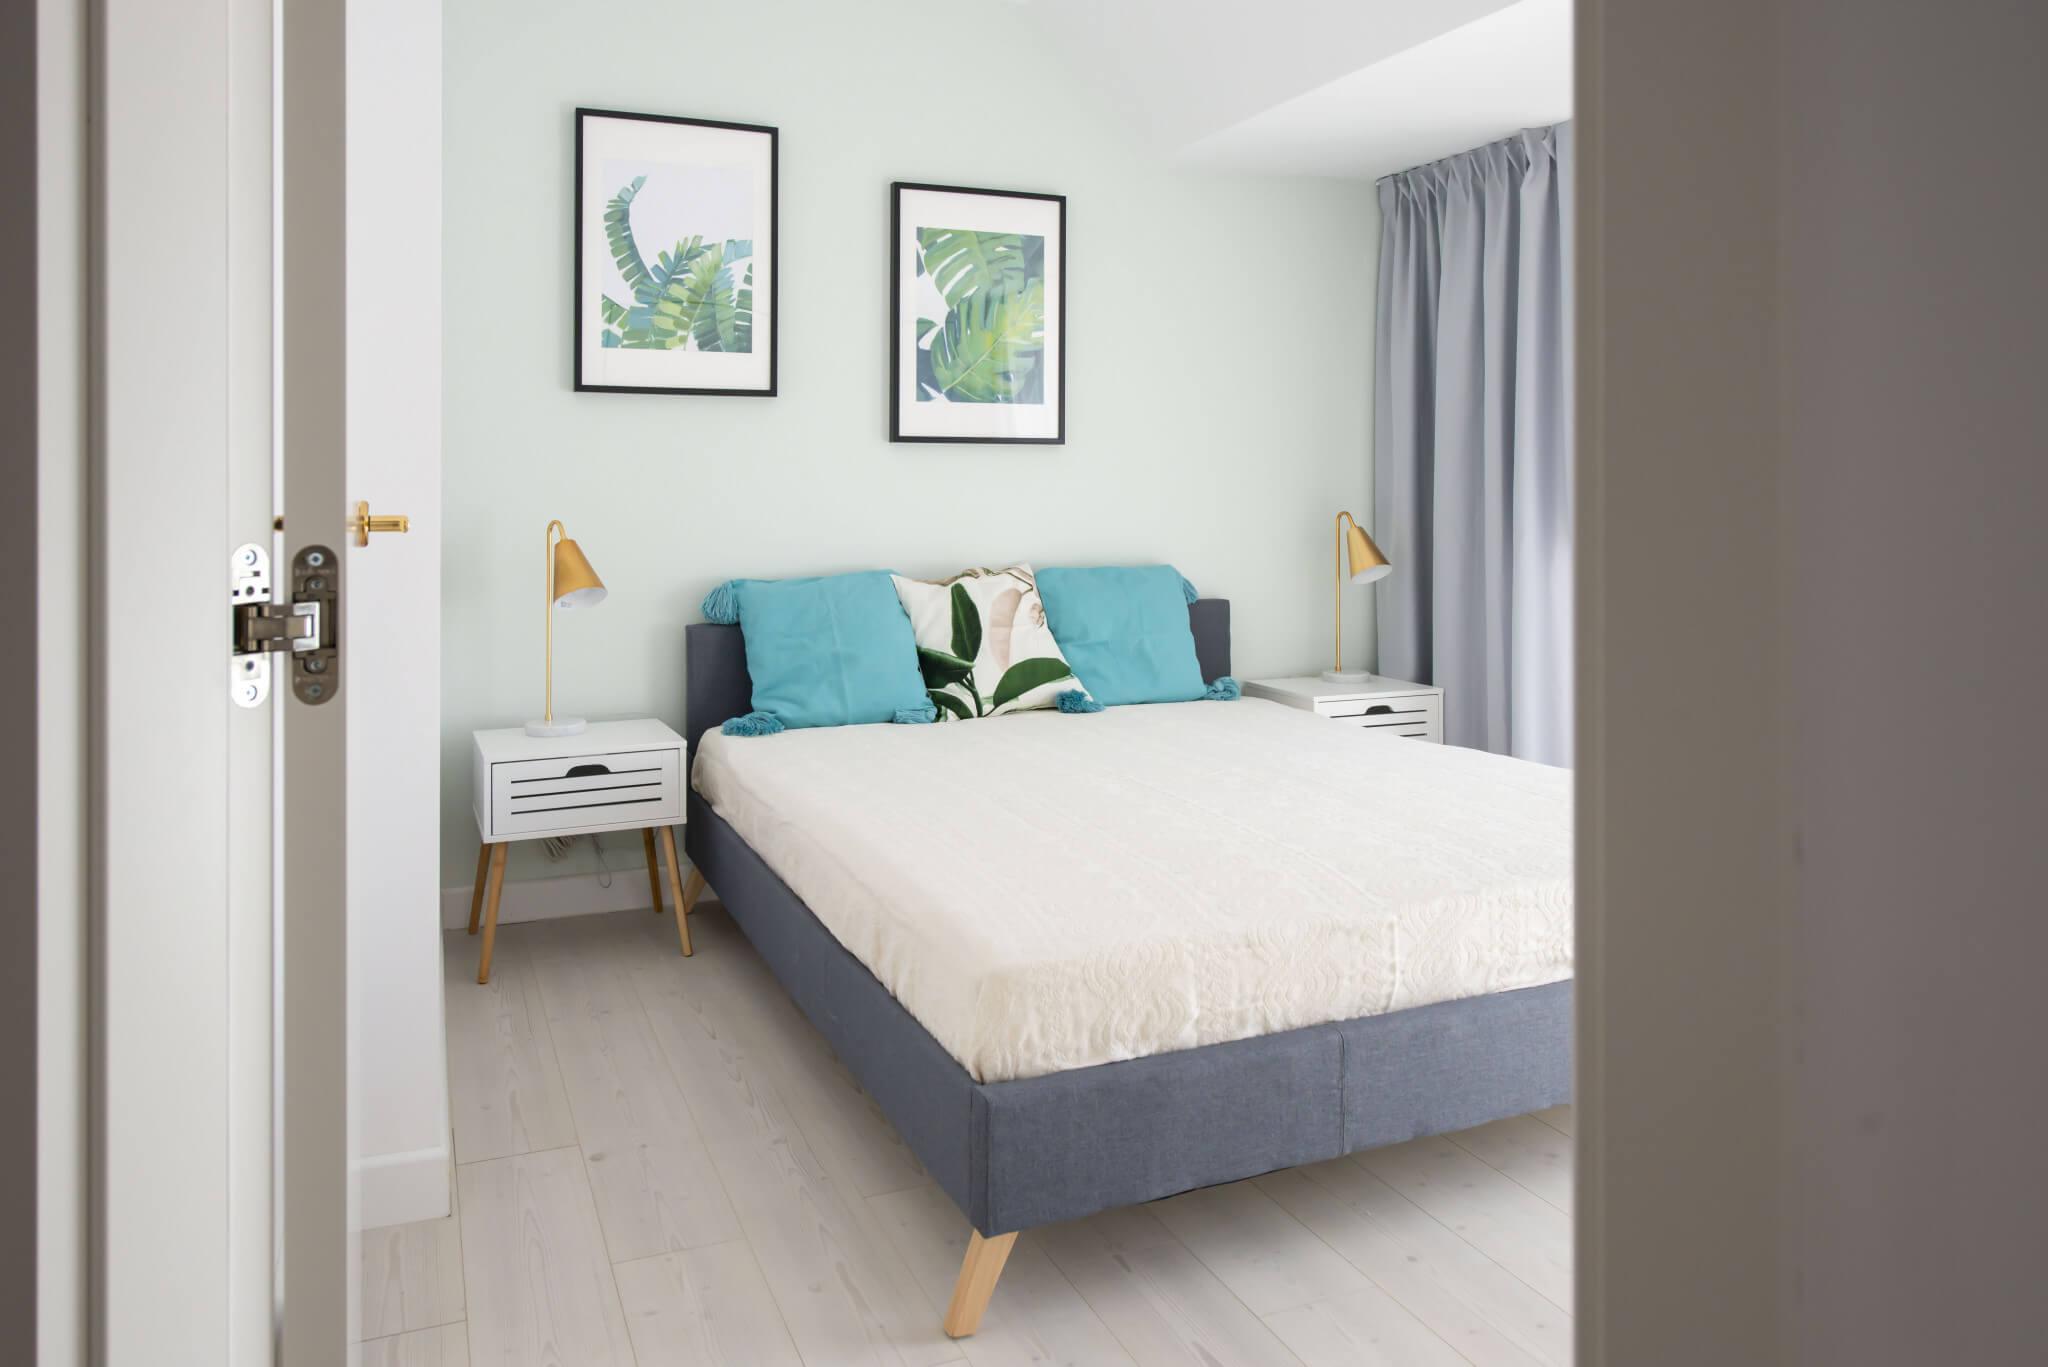 Cambio de imagen de un apartamento de alquiler_proyecto de interiorismo dormitorio principal